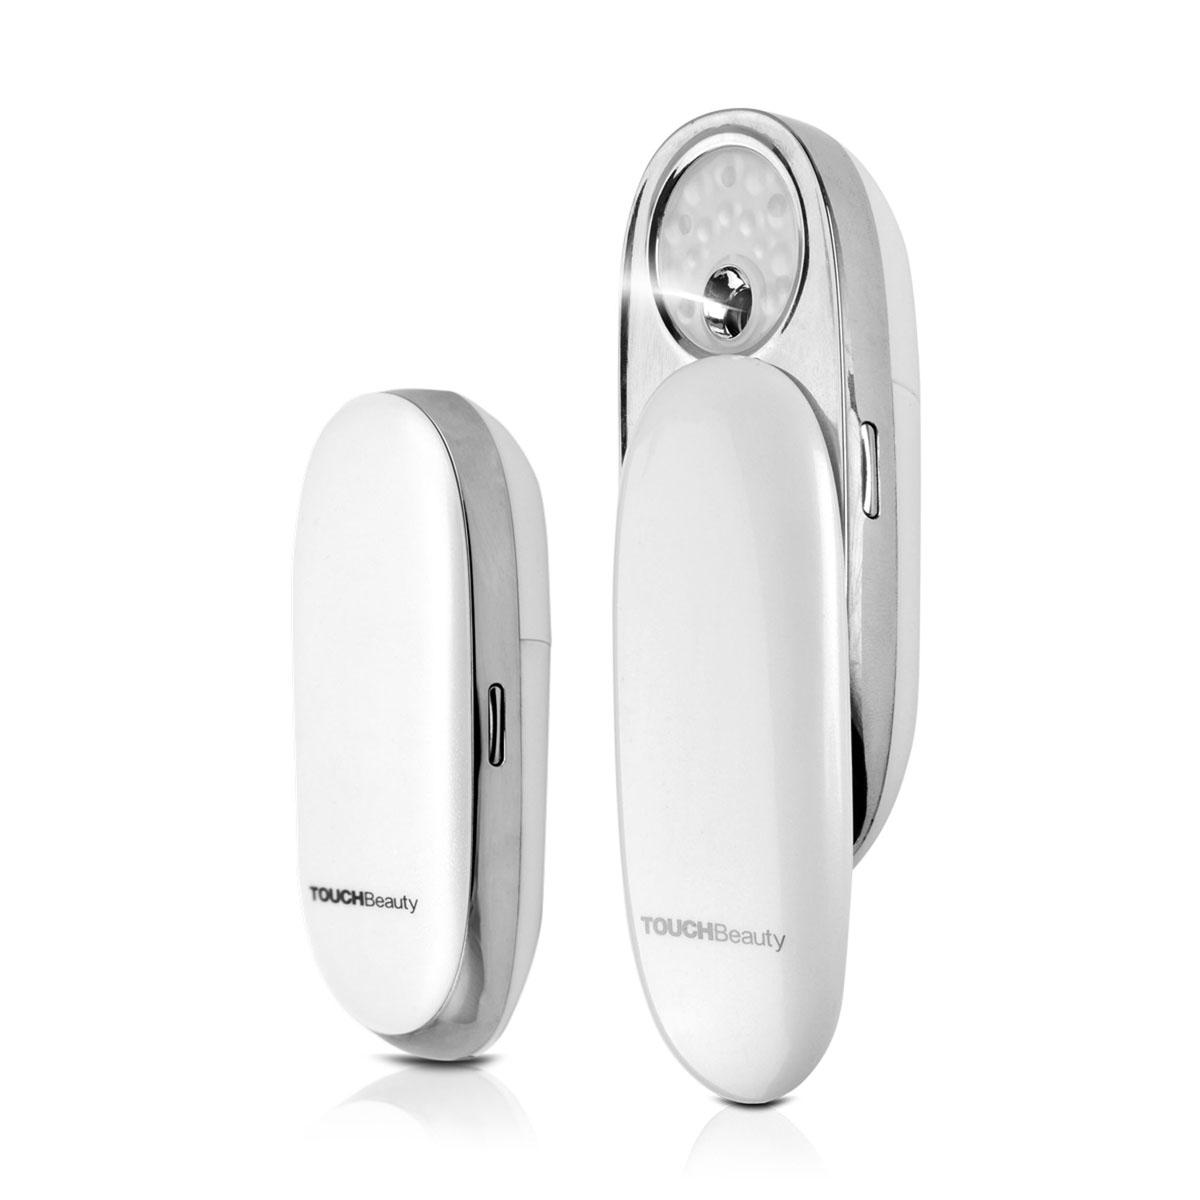 Прибор для увлажнения кожи Touchbeauty AS-1185 прибор для ухода за лицом touchbeauty as 0525a